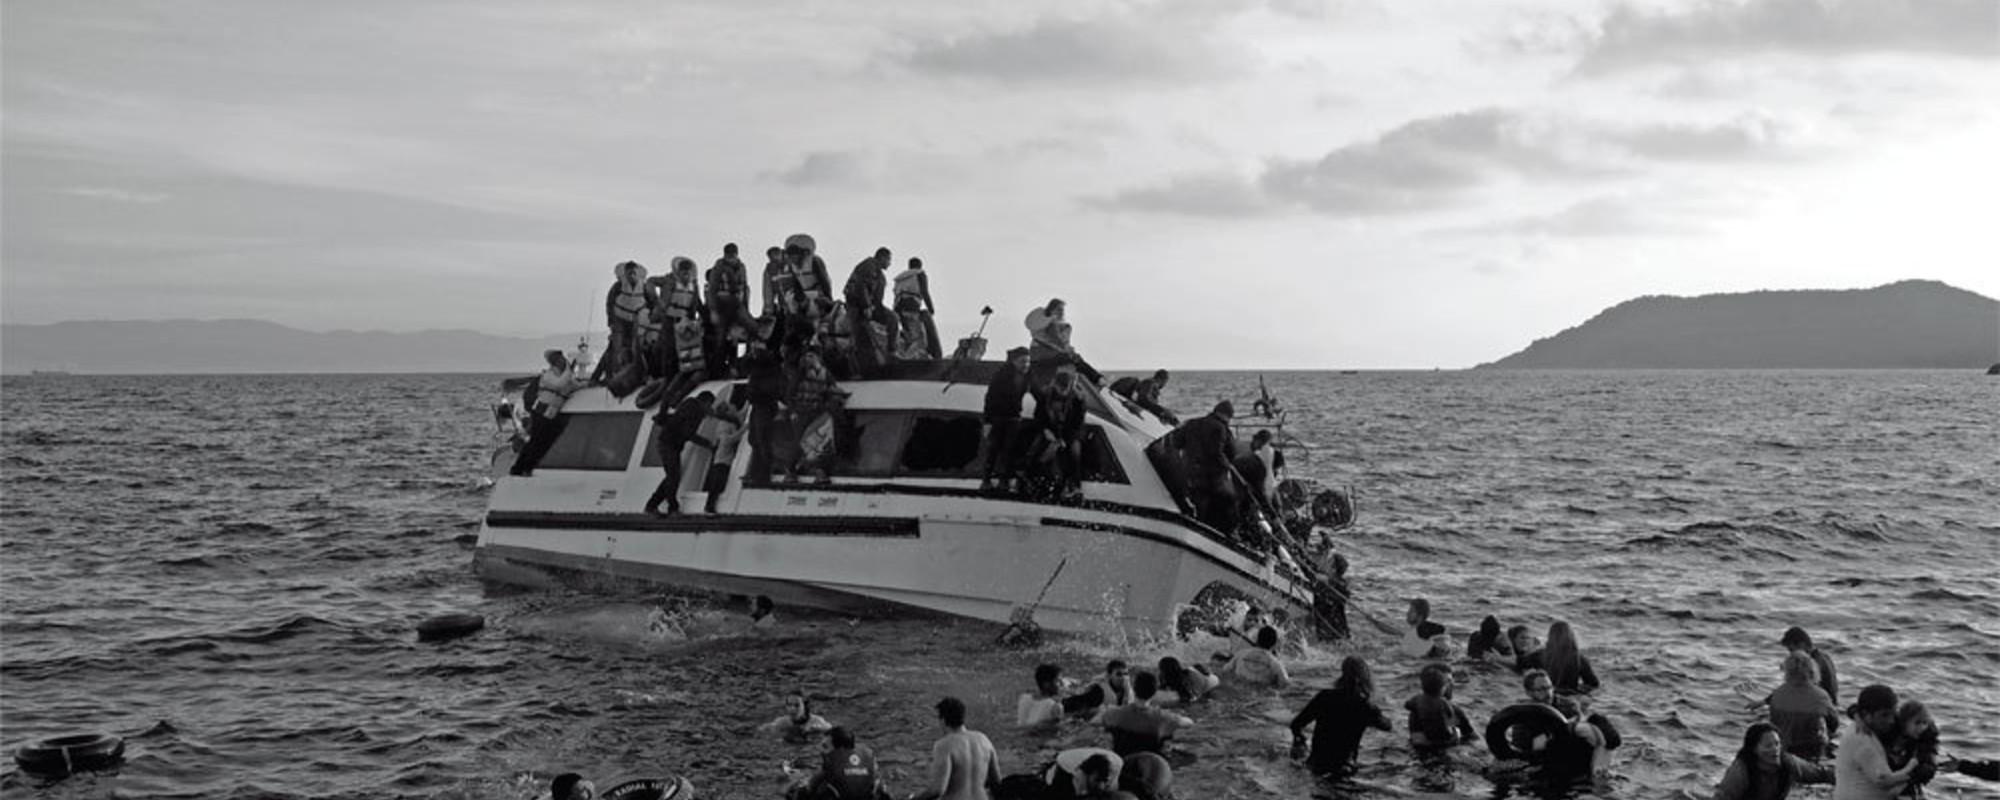 Wie ich vom Fotografen zum Flüchtlingshelfer wurde